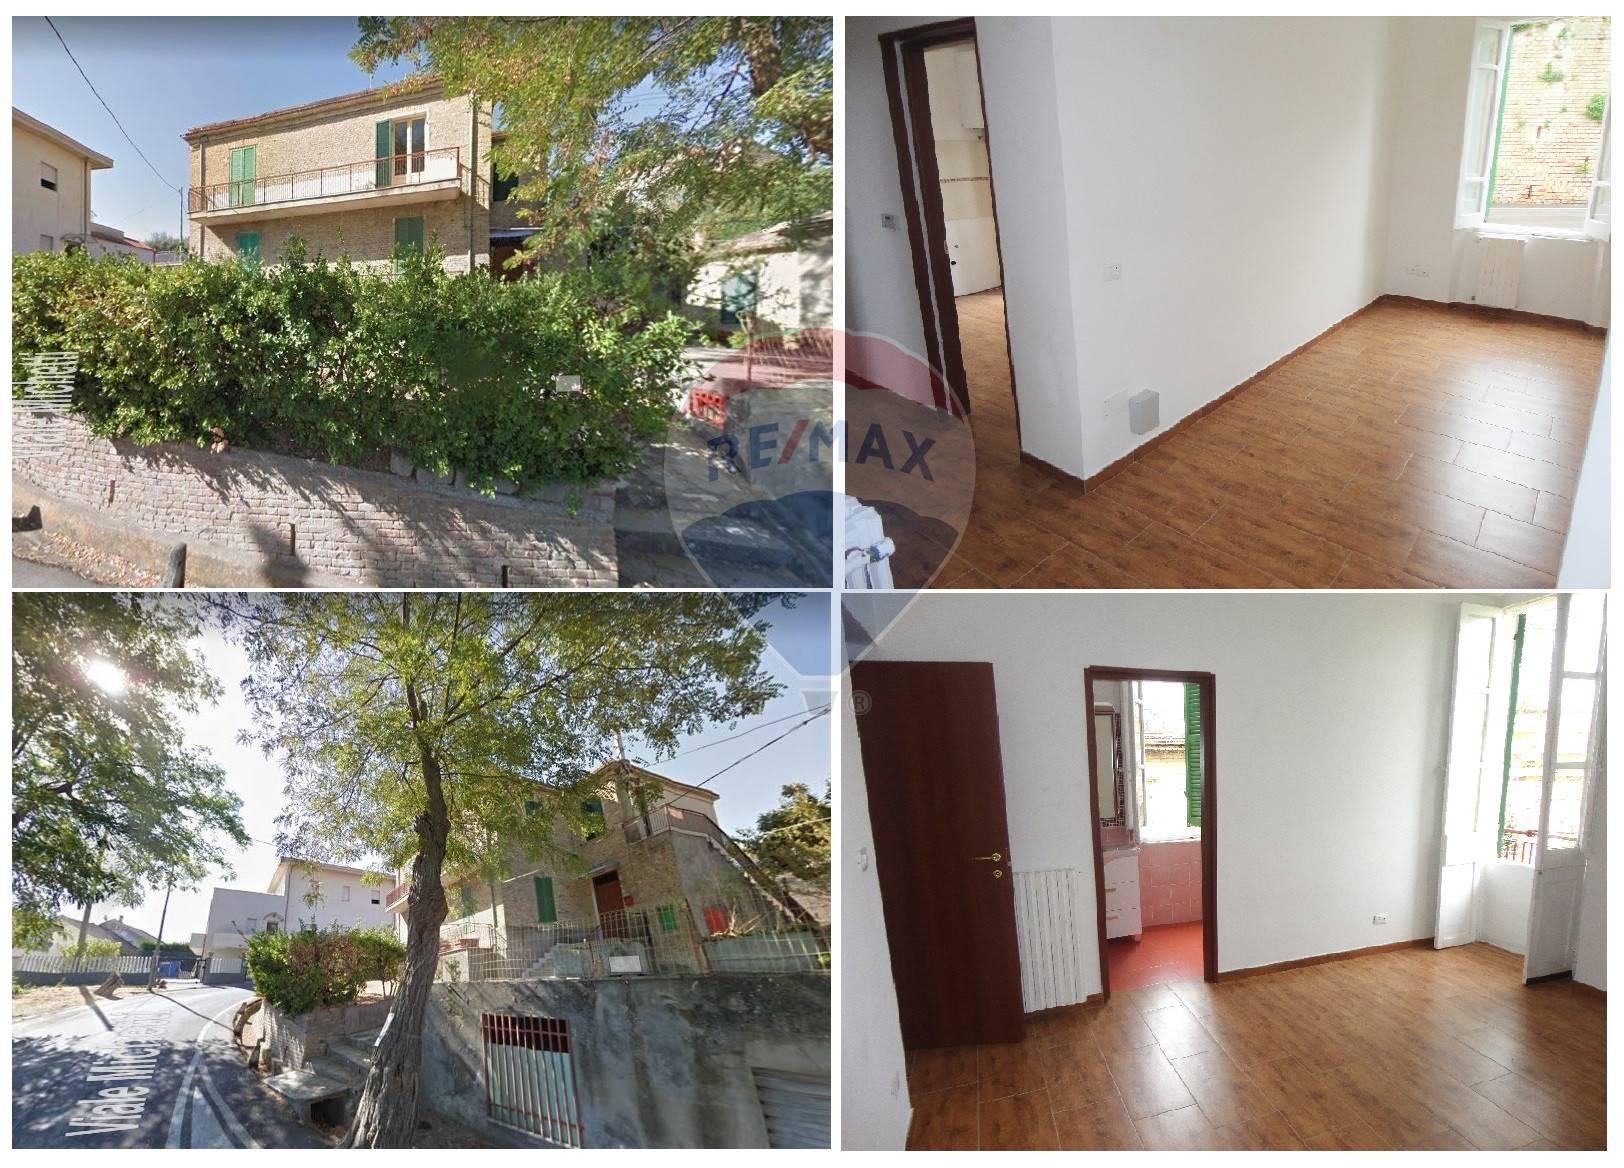 Appartamento in affitto a Francavilla al Mare, 3 locali, zona Località: EspansioneNord, prezzo € 380 | CambioCasa.it